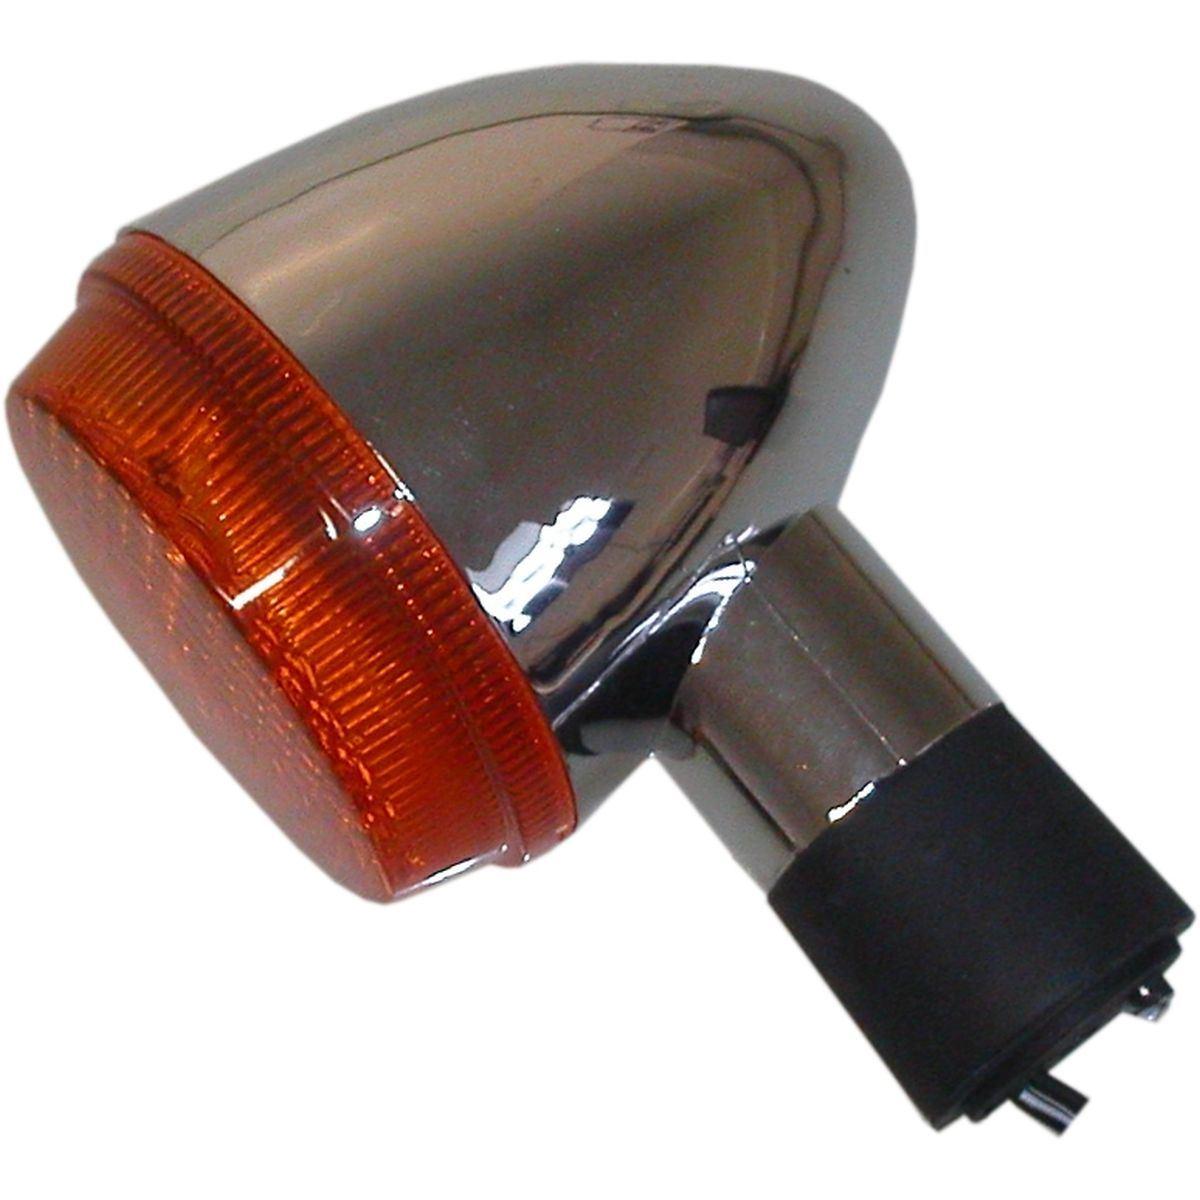 Indicator Lens Rear R//H Amber for 2005 Honda VTX 1300 S5